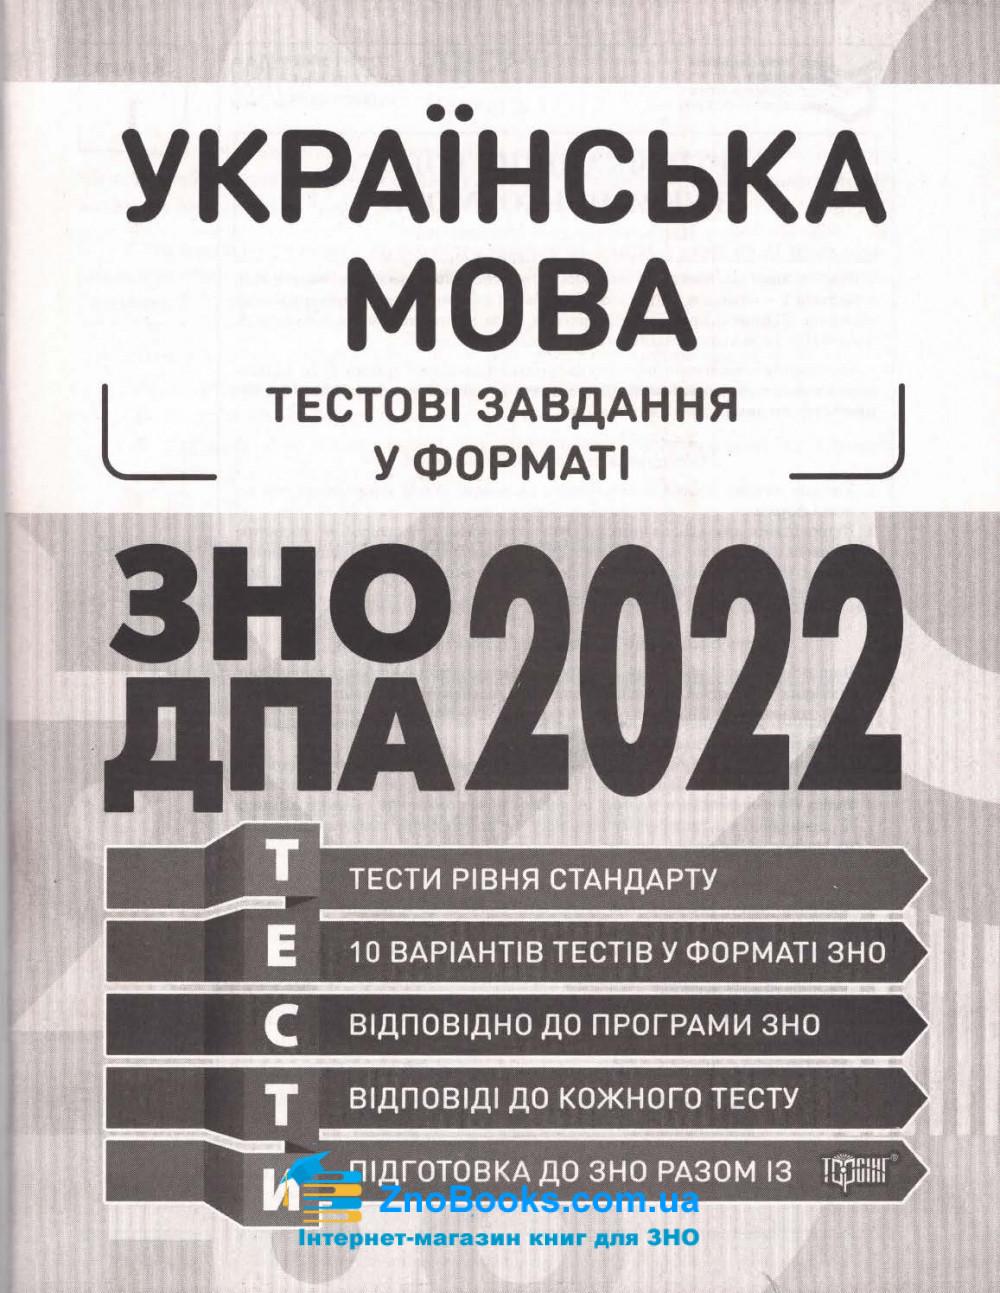 Тестові завдання у форматі ЗНО 2022 з Української мови : Воскресенська Ю., Яковлева Н. Торсінг 1